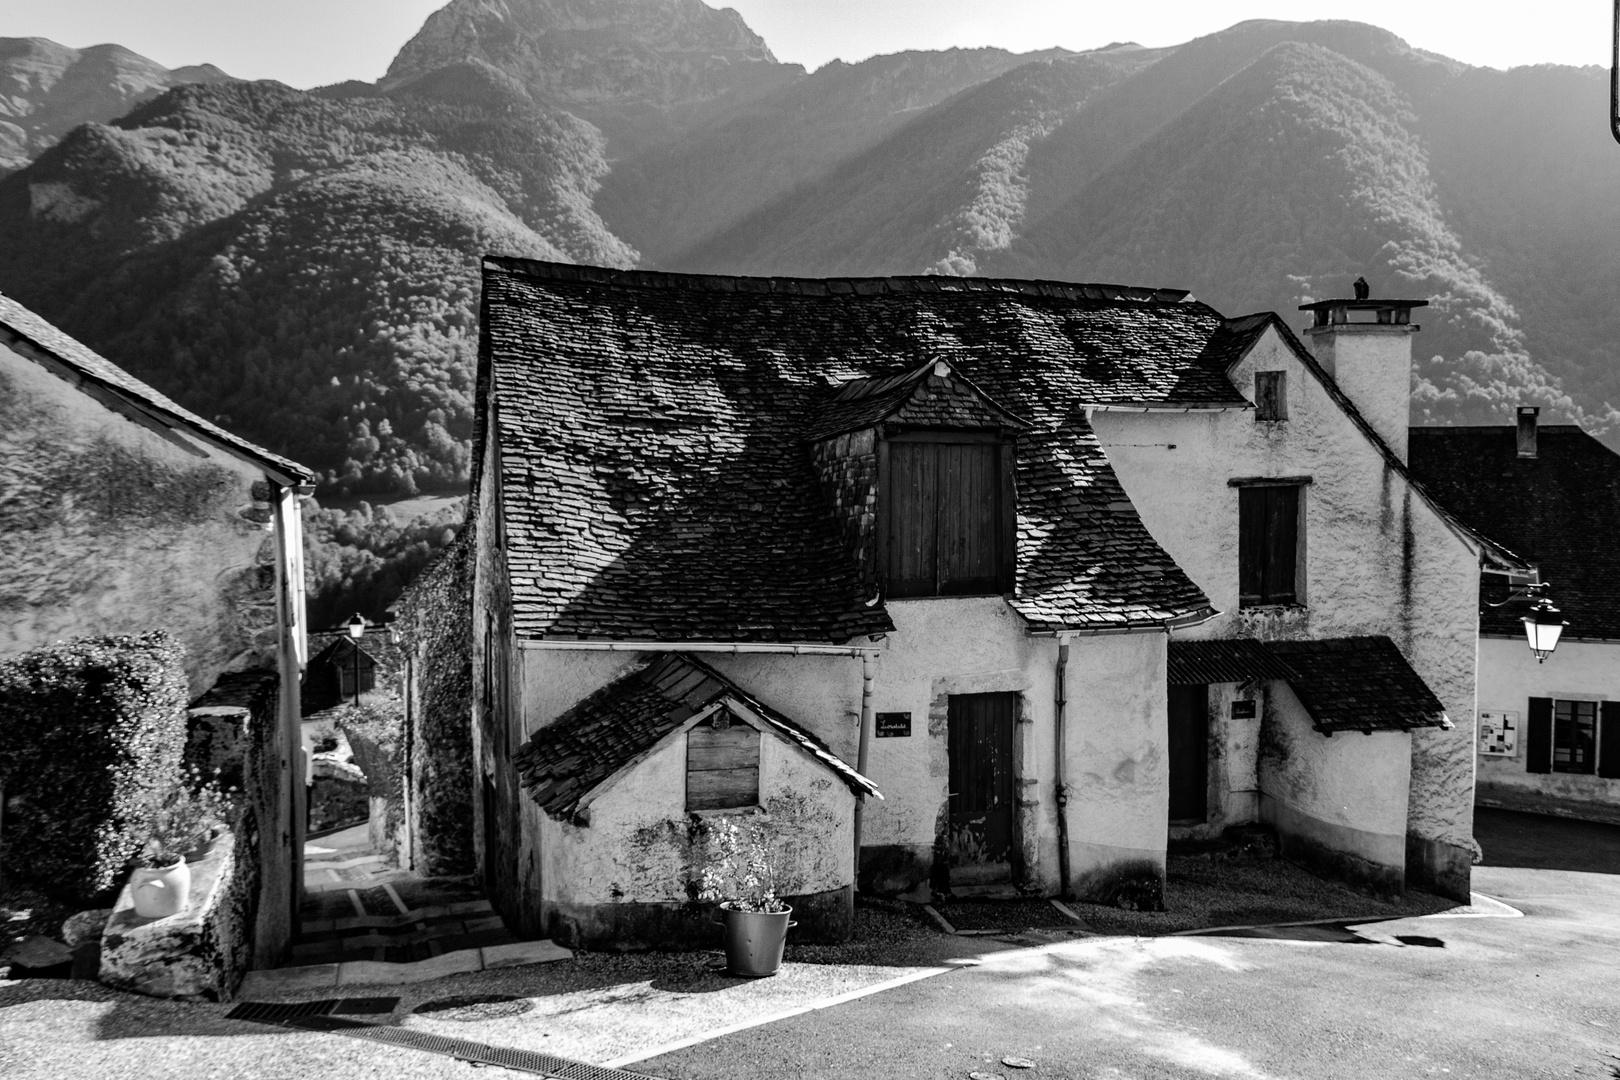 la vielle maison en noir et blanc photo et image nature paysages maison ancienne images. Black Bedroom Furniture Sets. Home Design Ideas